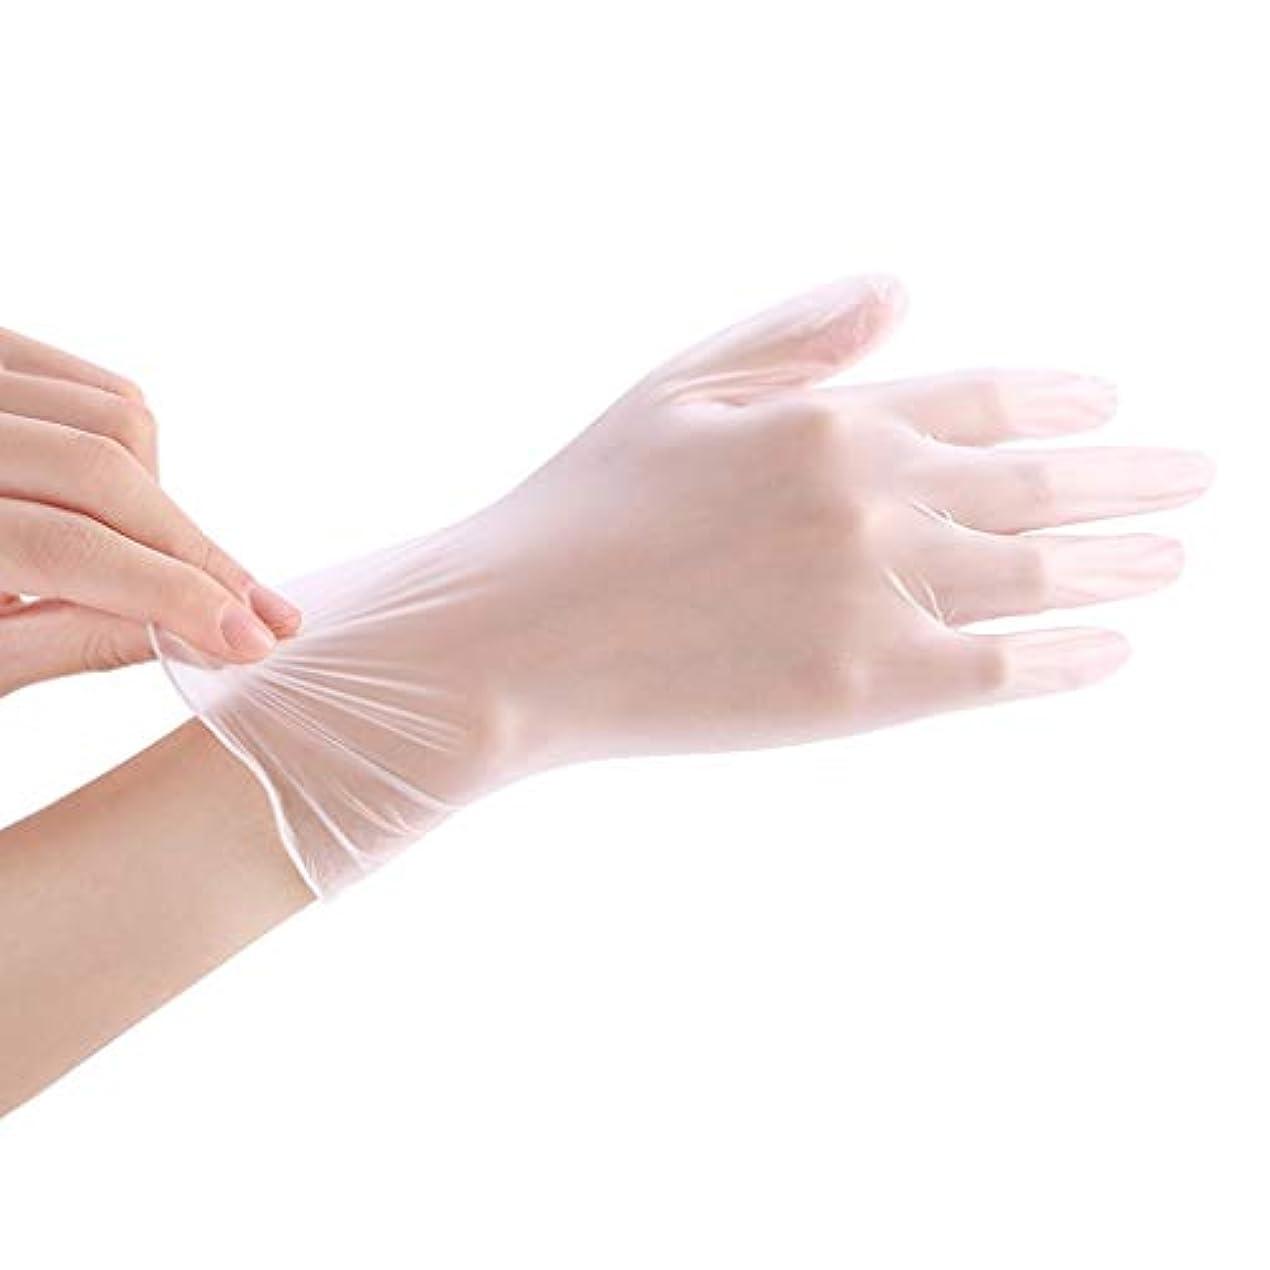 アカデミー予知ケーブル使い捨て透明食品ケータリンググレードPVC手袋美容キッチンベーキングフィルム手袋200 YANW (色 : トランスペアレント, サイズ さいず : L l)